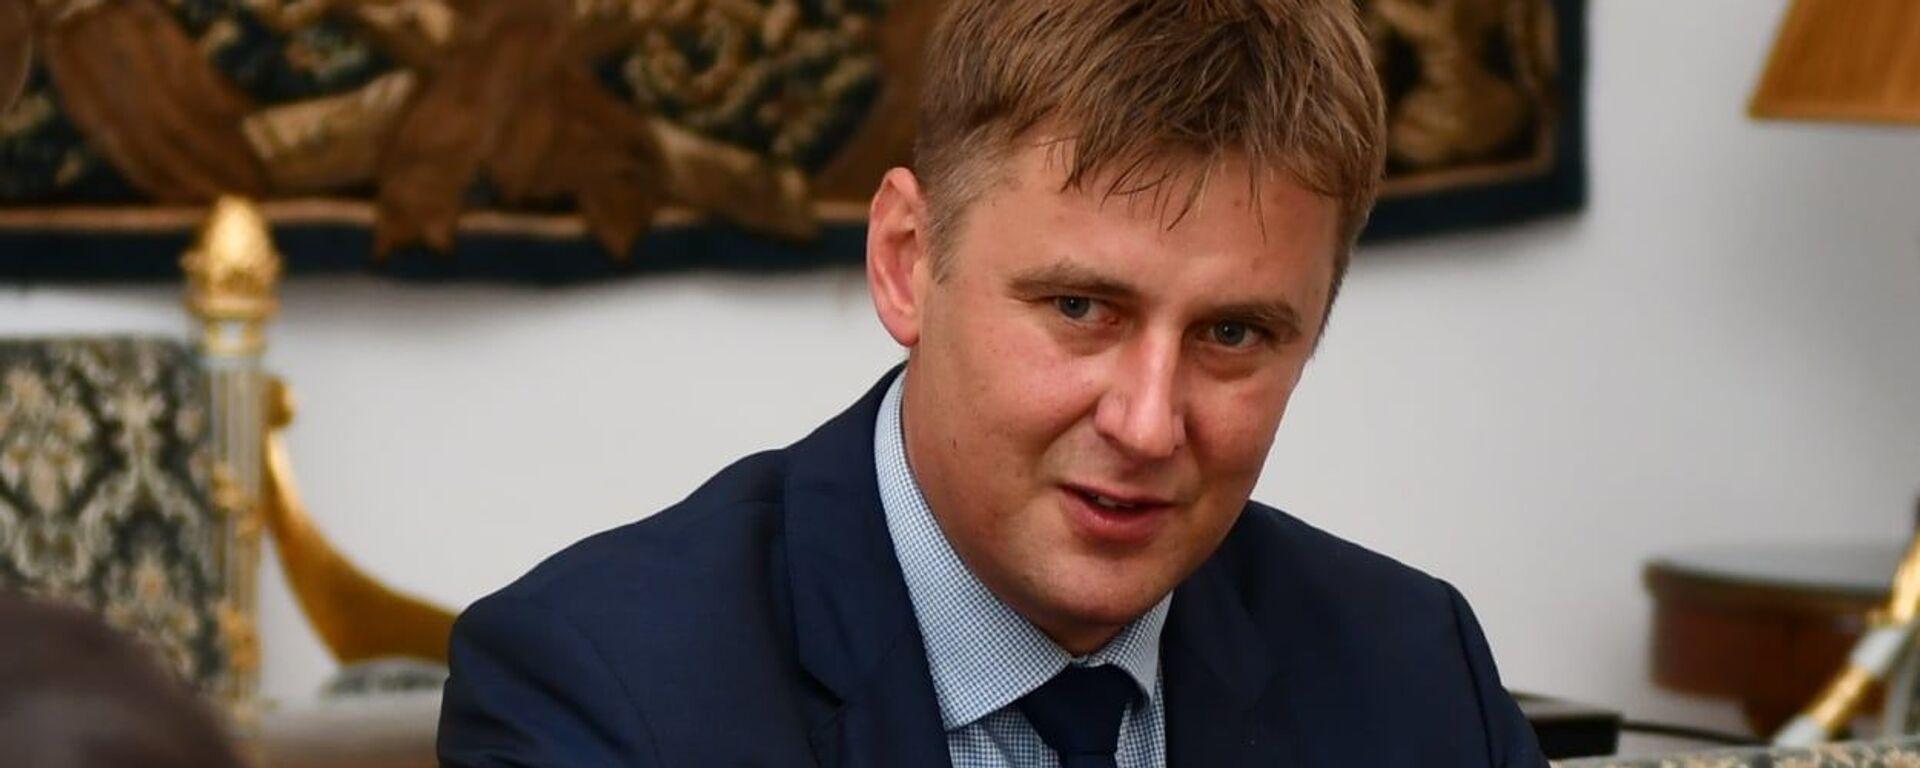 Ministr zahraničí a místopředseda ČSSD Tomáš Petříček - Sputnik Česká republika, 1920, 18.02.2021